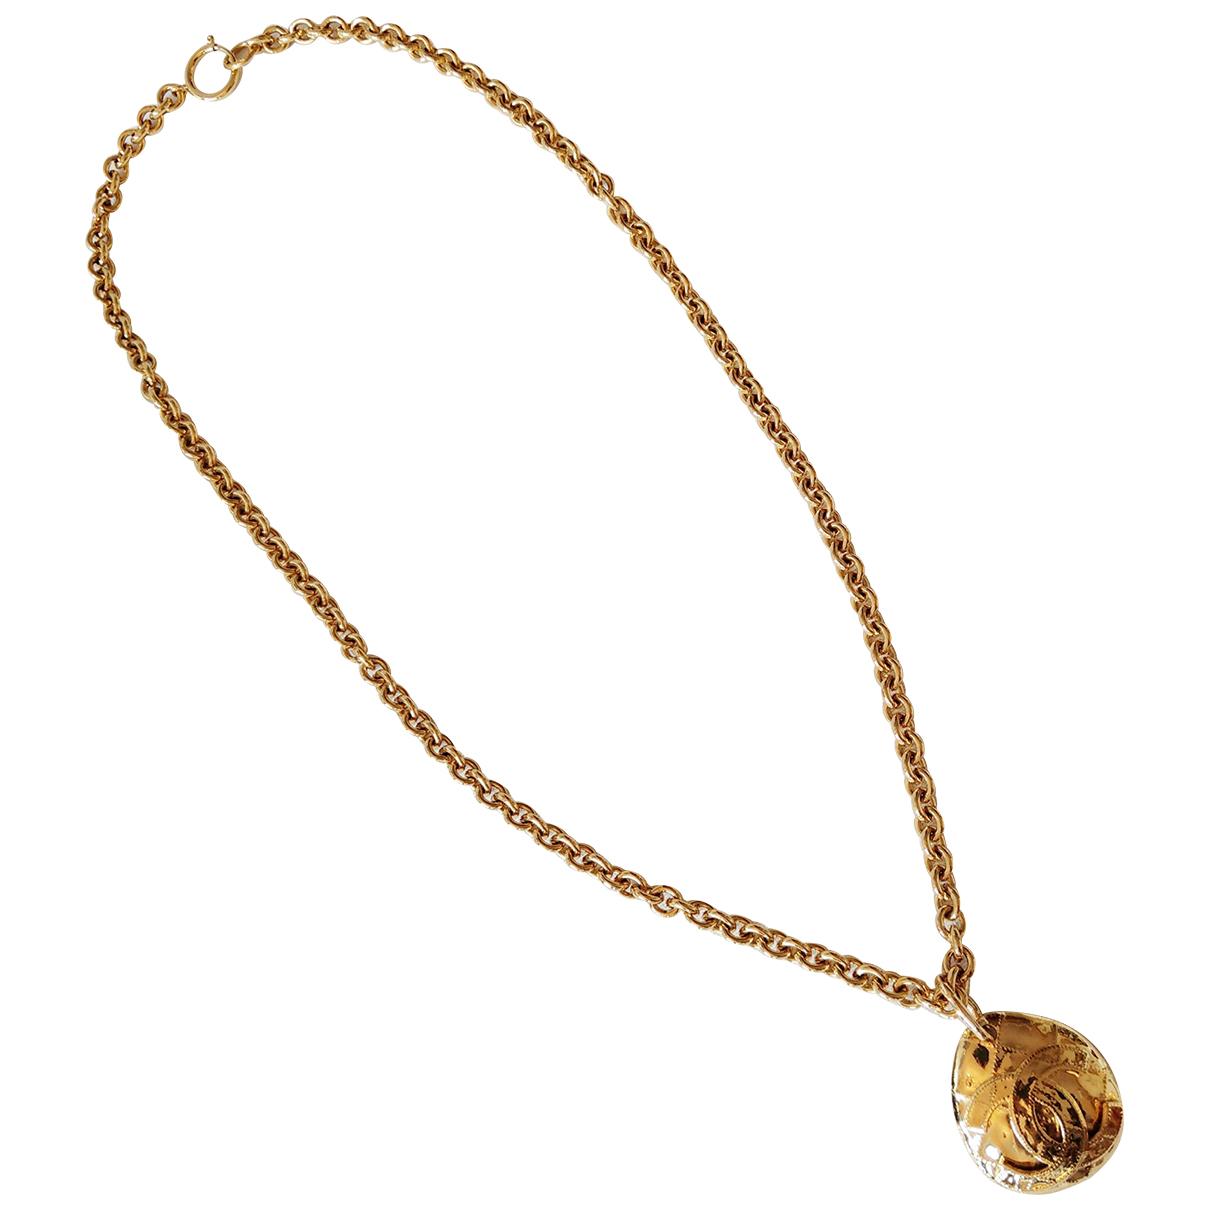 Chanel - Sautoir CC pour femme en plaque or - dore